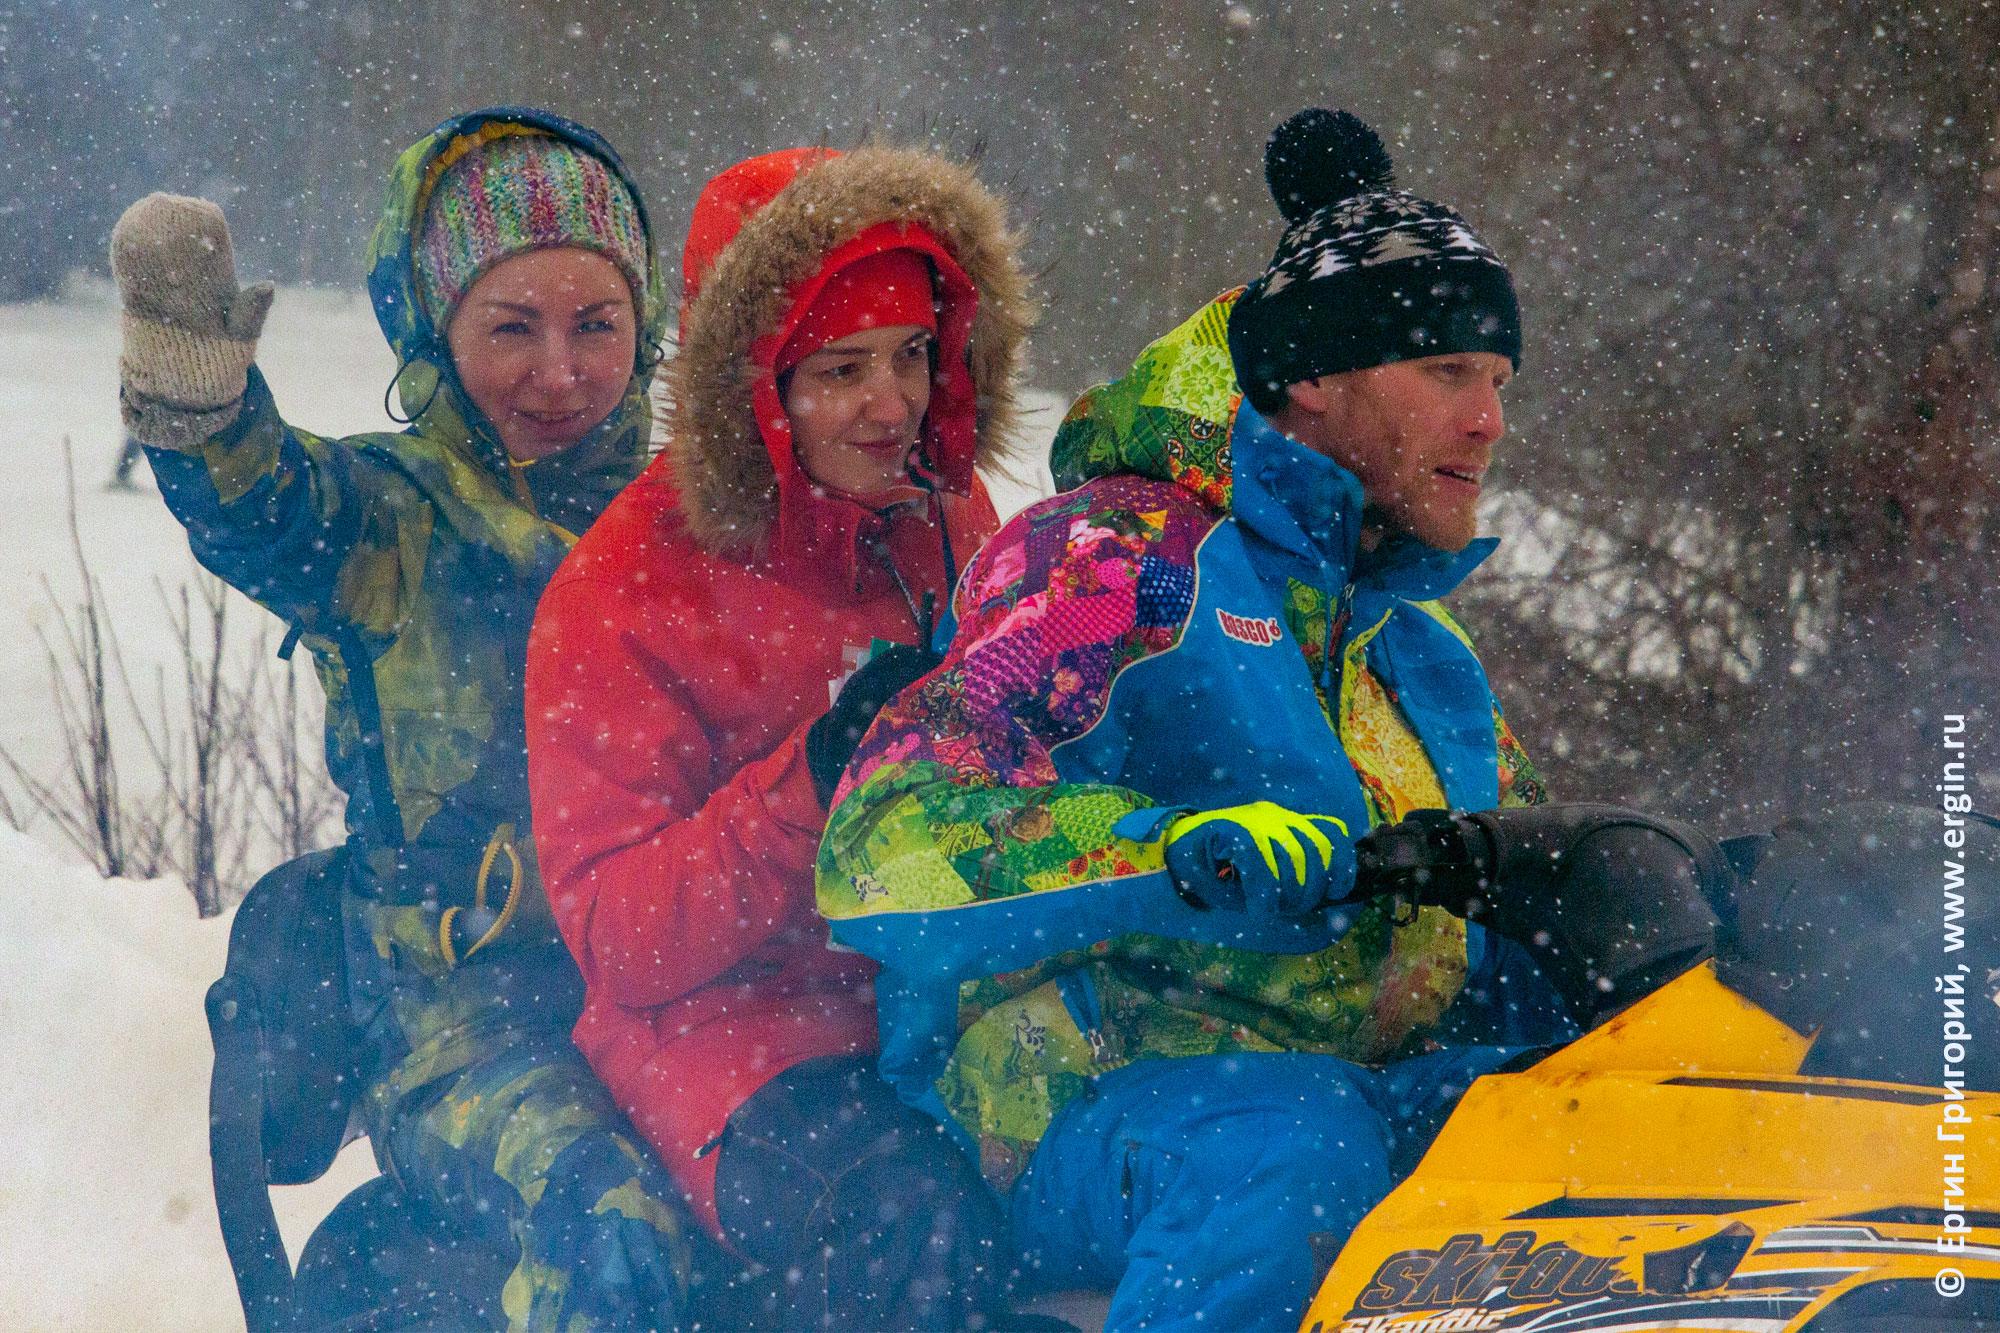 Девушки едут на снегоходе